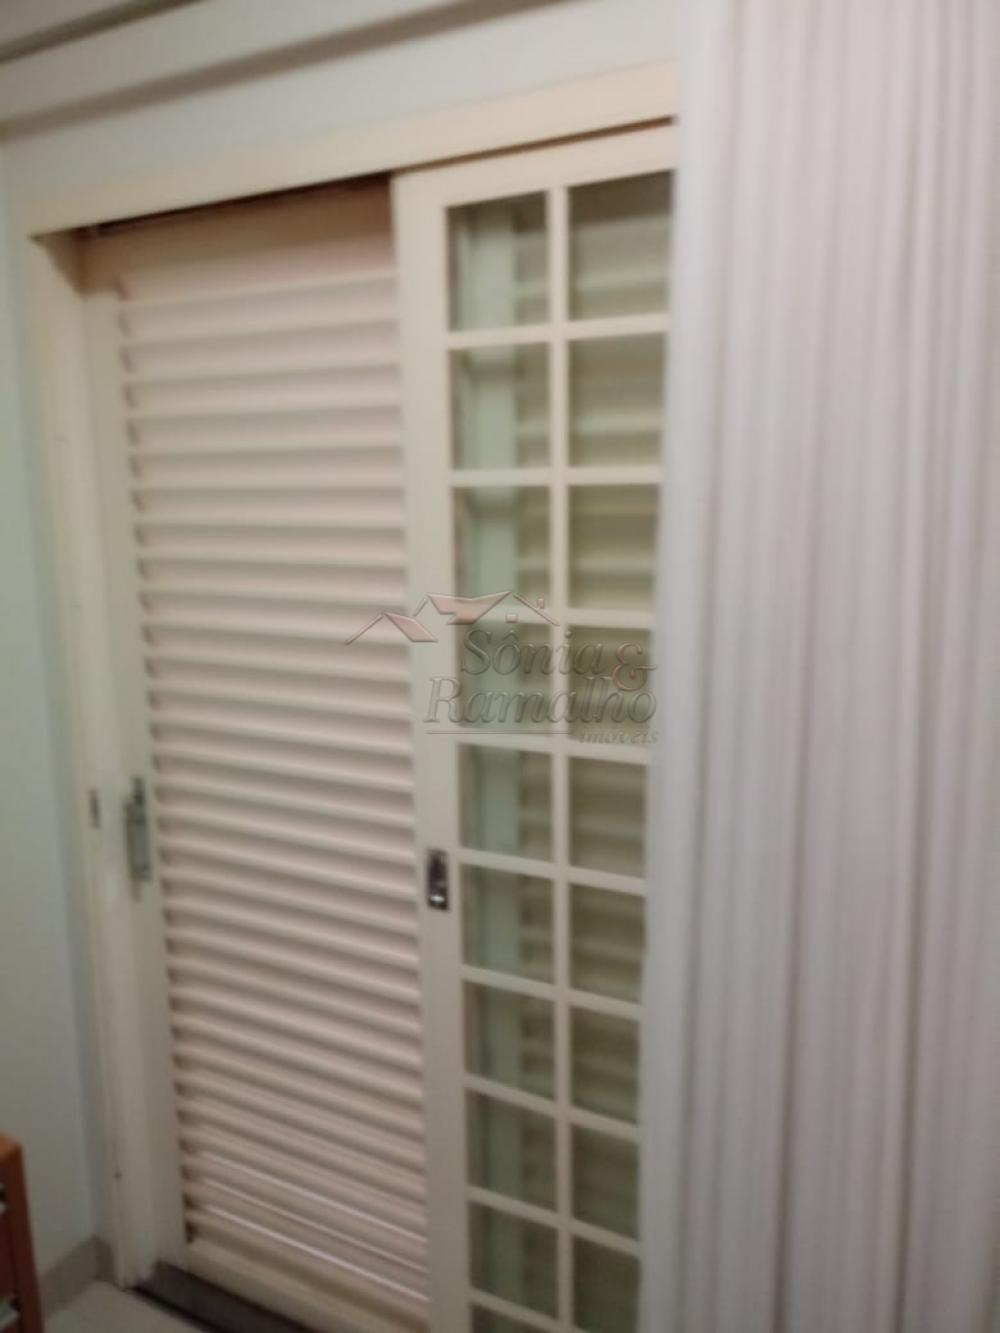 Comprar Casas / Padrão em Sertãozinho apenas R$ 535.000,00 - Foto 17